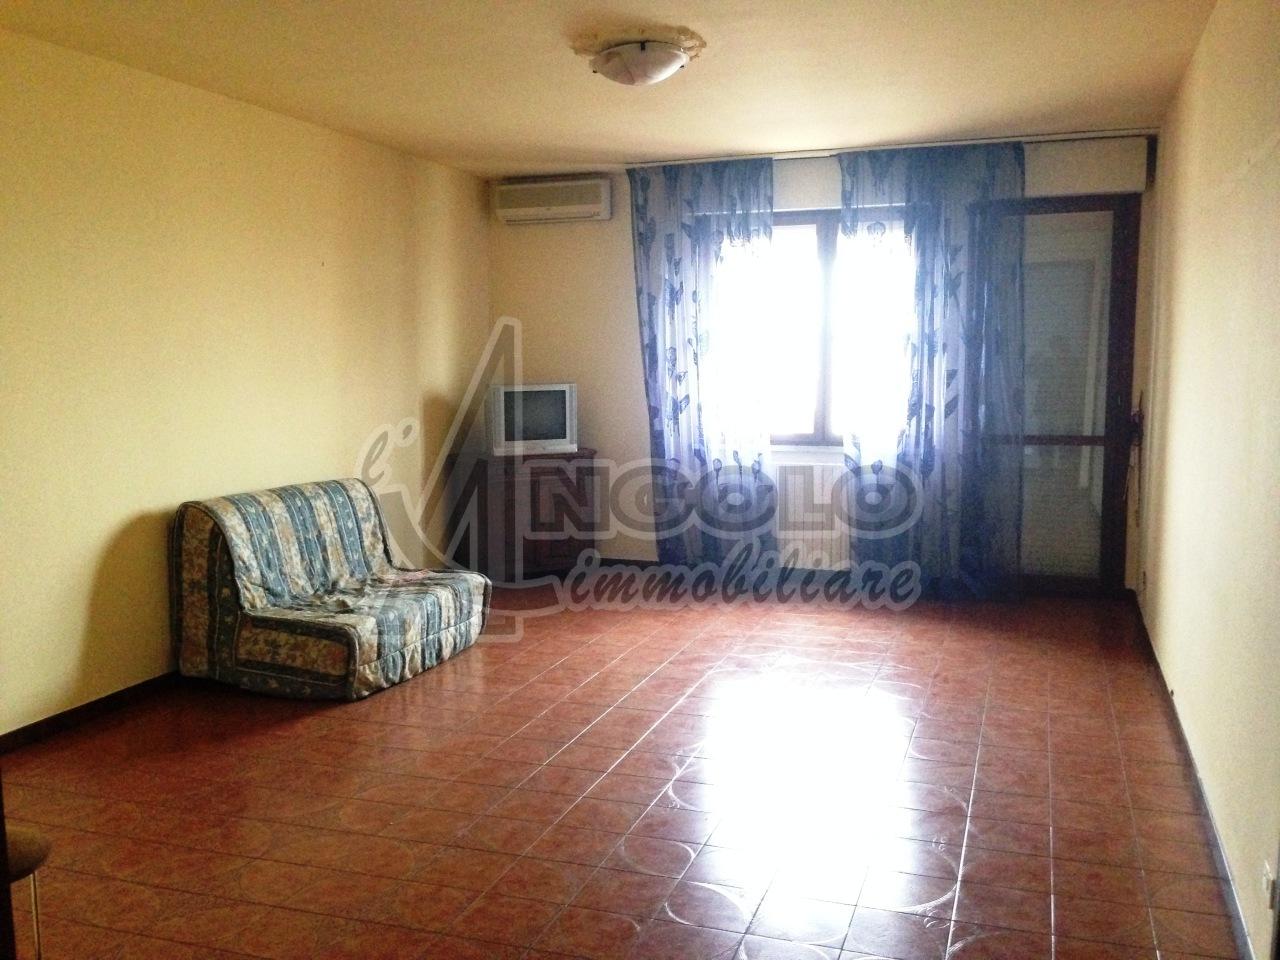 Appartamento in vendita a Occhiobello, 5 locali, prezzo € 68.000 | Cambio Casa.it